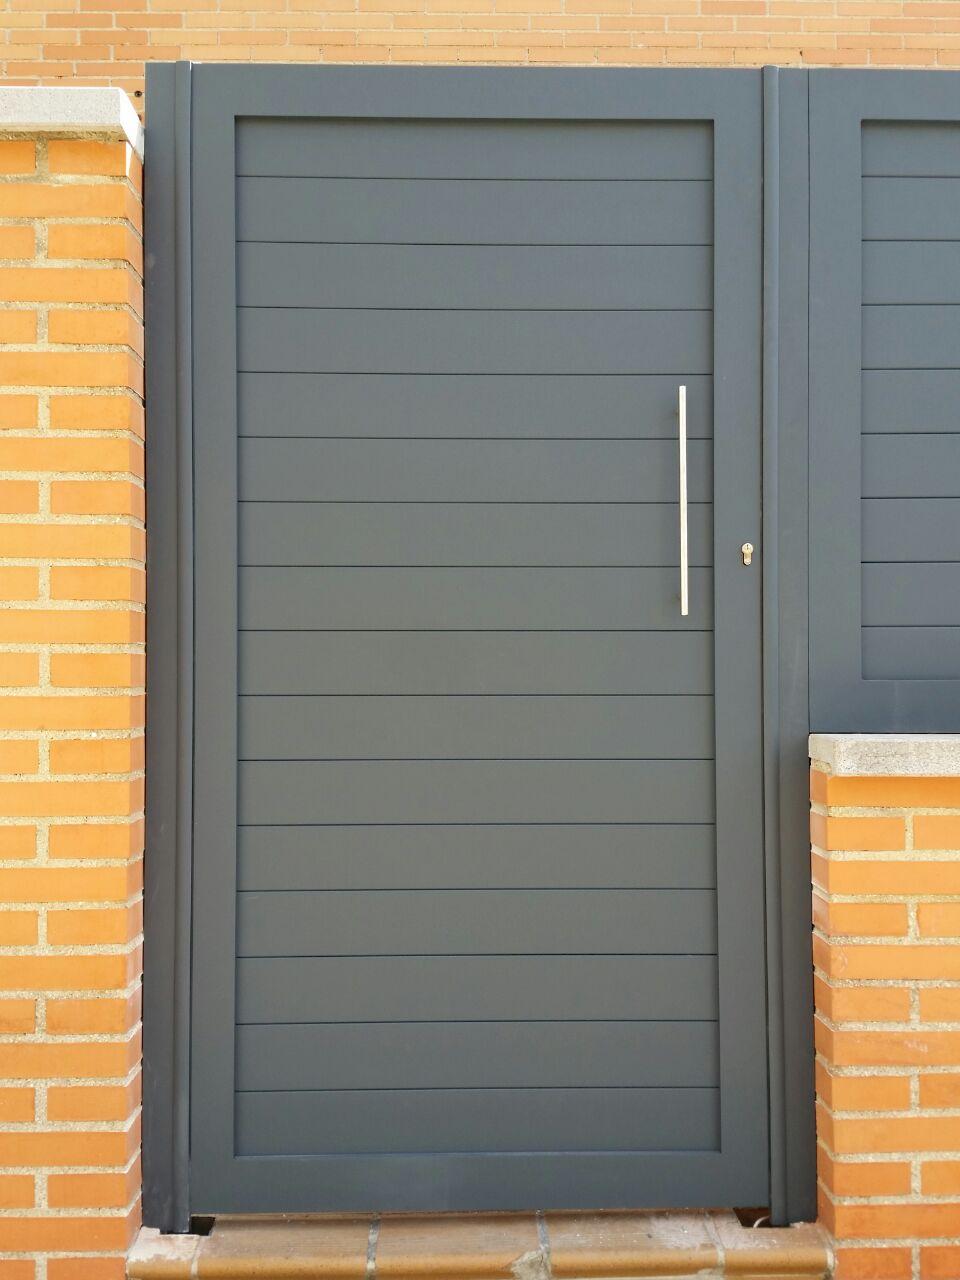 Marver aluminio soldado blog grupo marver puertas de for Puertas de calle aluminio precios